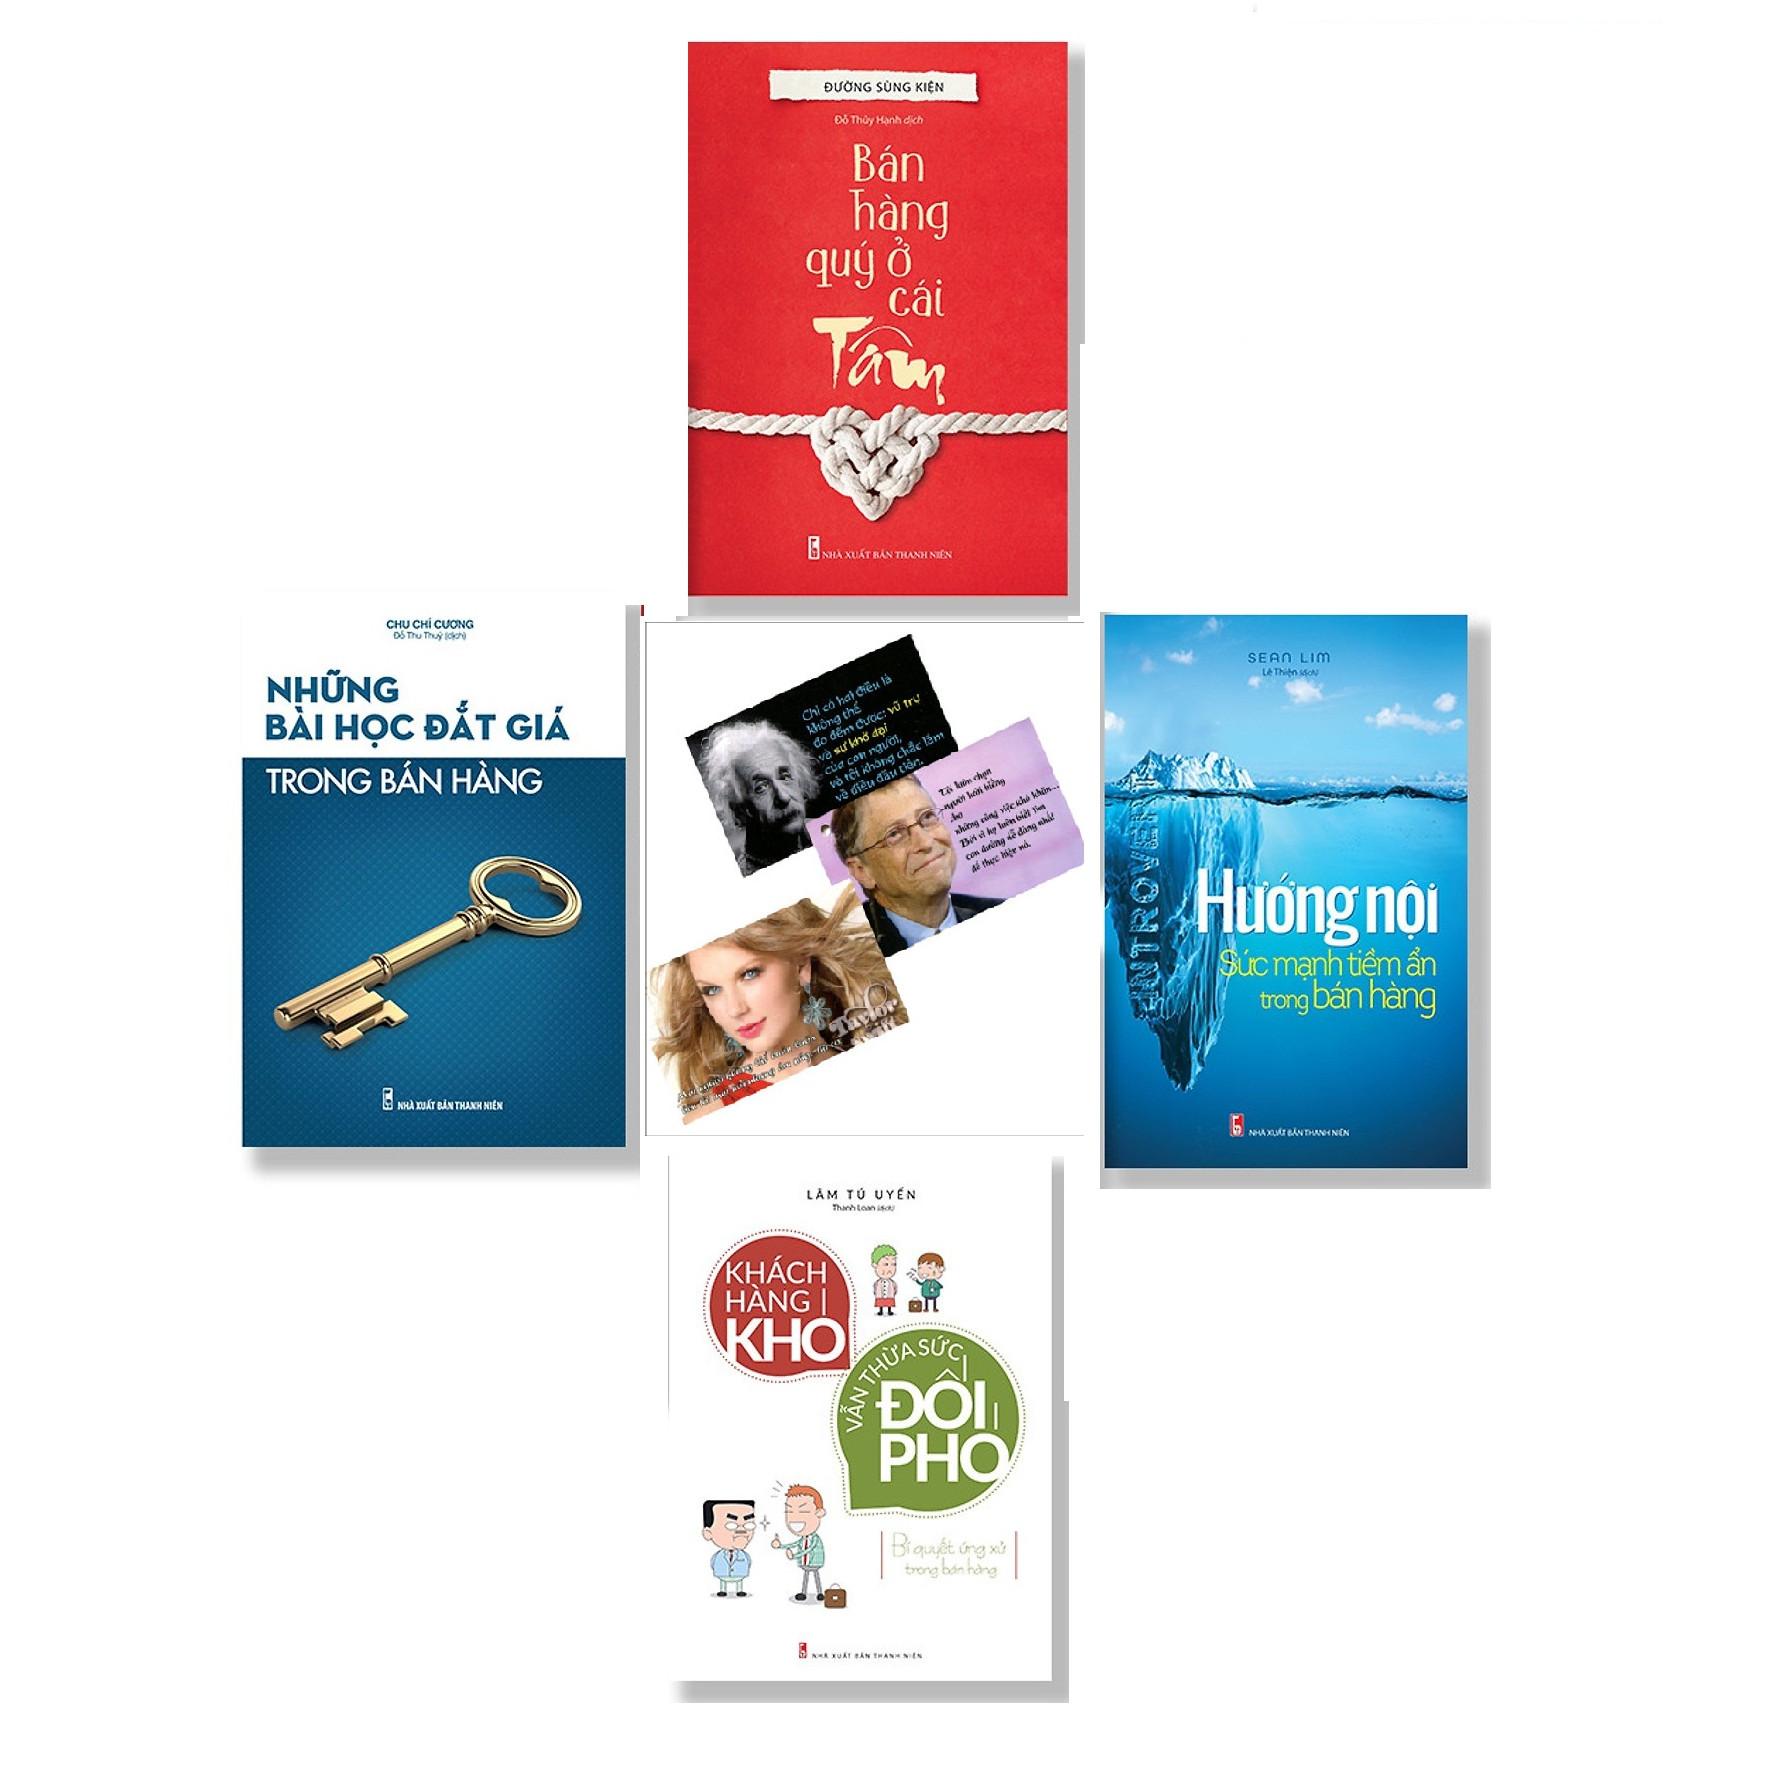 Combo Những Bài Học Đắt Giá Trong Bán Hàng  Bán Hàng Quý Ở Cái Tâm  Hướng Nội - Sức Mạnh Tiềm Ẩn Trong Bán Hàng  Khách Hàng Khó Vẫn Thừa Sức Đối Phó Tăng Kem Postcard Nhưng Câu Noi Cua Ngươi Nôi tiêng - 23905713 , 2748954488700 , 62_25688310 , 325000 , Combo-Nhung-Bai-Hoc-Dat-Gia-Trong-Ban-Hang-Ban-Hang-Quy-O-Cai-Tam-Huong-Noi-Suc-Manh-Tiem-An-Trong-Ban-Hang-Khach-Hang-Kho-Van-Thua-Suc-Doi-Pho-Tang-Kem-Postcard-Nhung-Cau-Noi-Cua-Nguoi-Noi-tieng-62_2